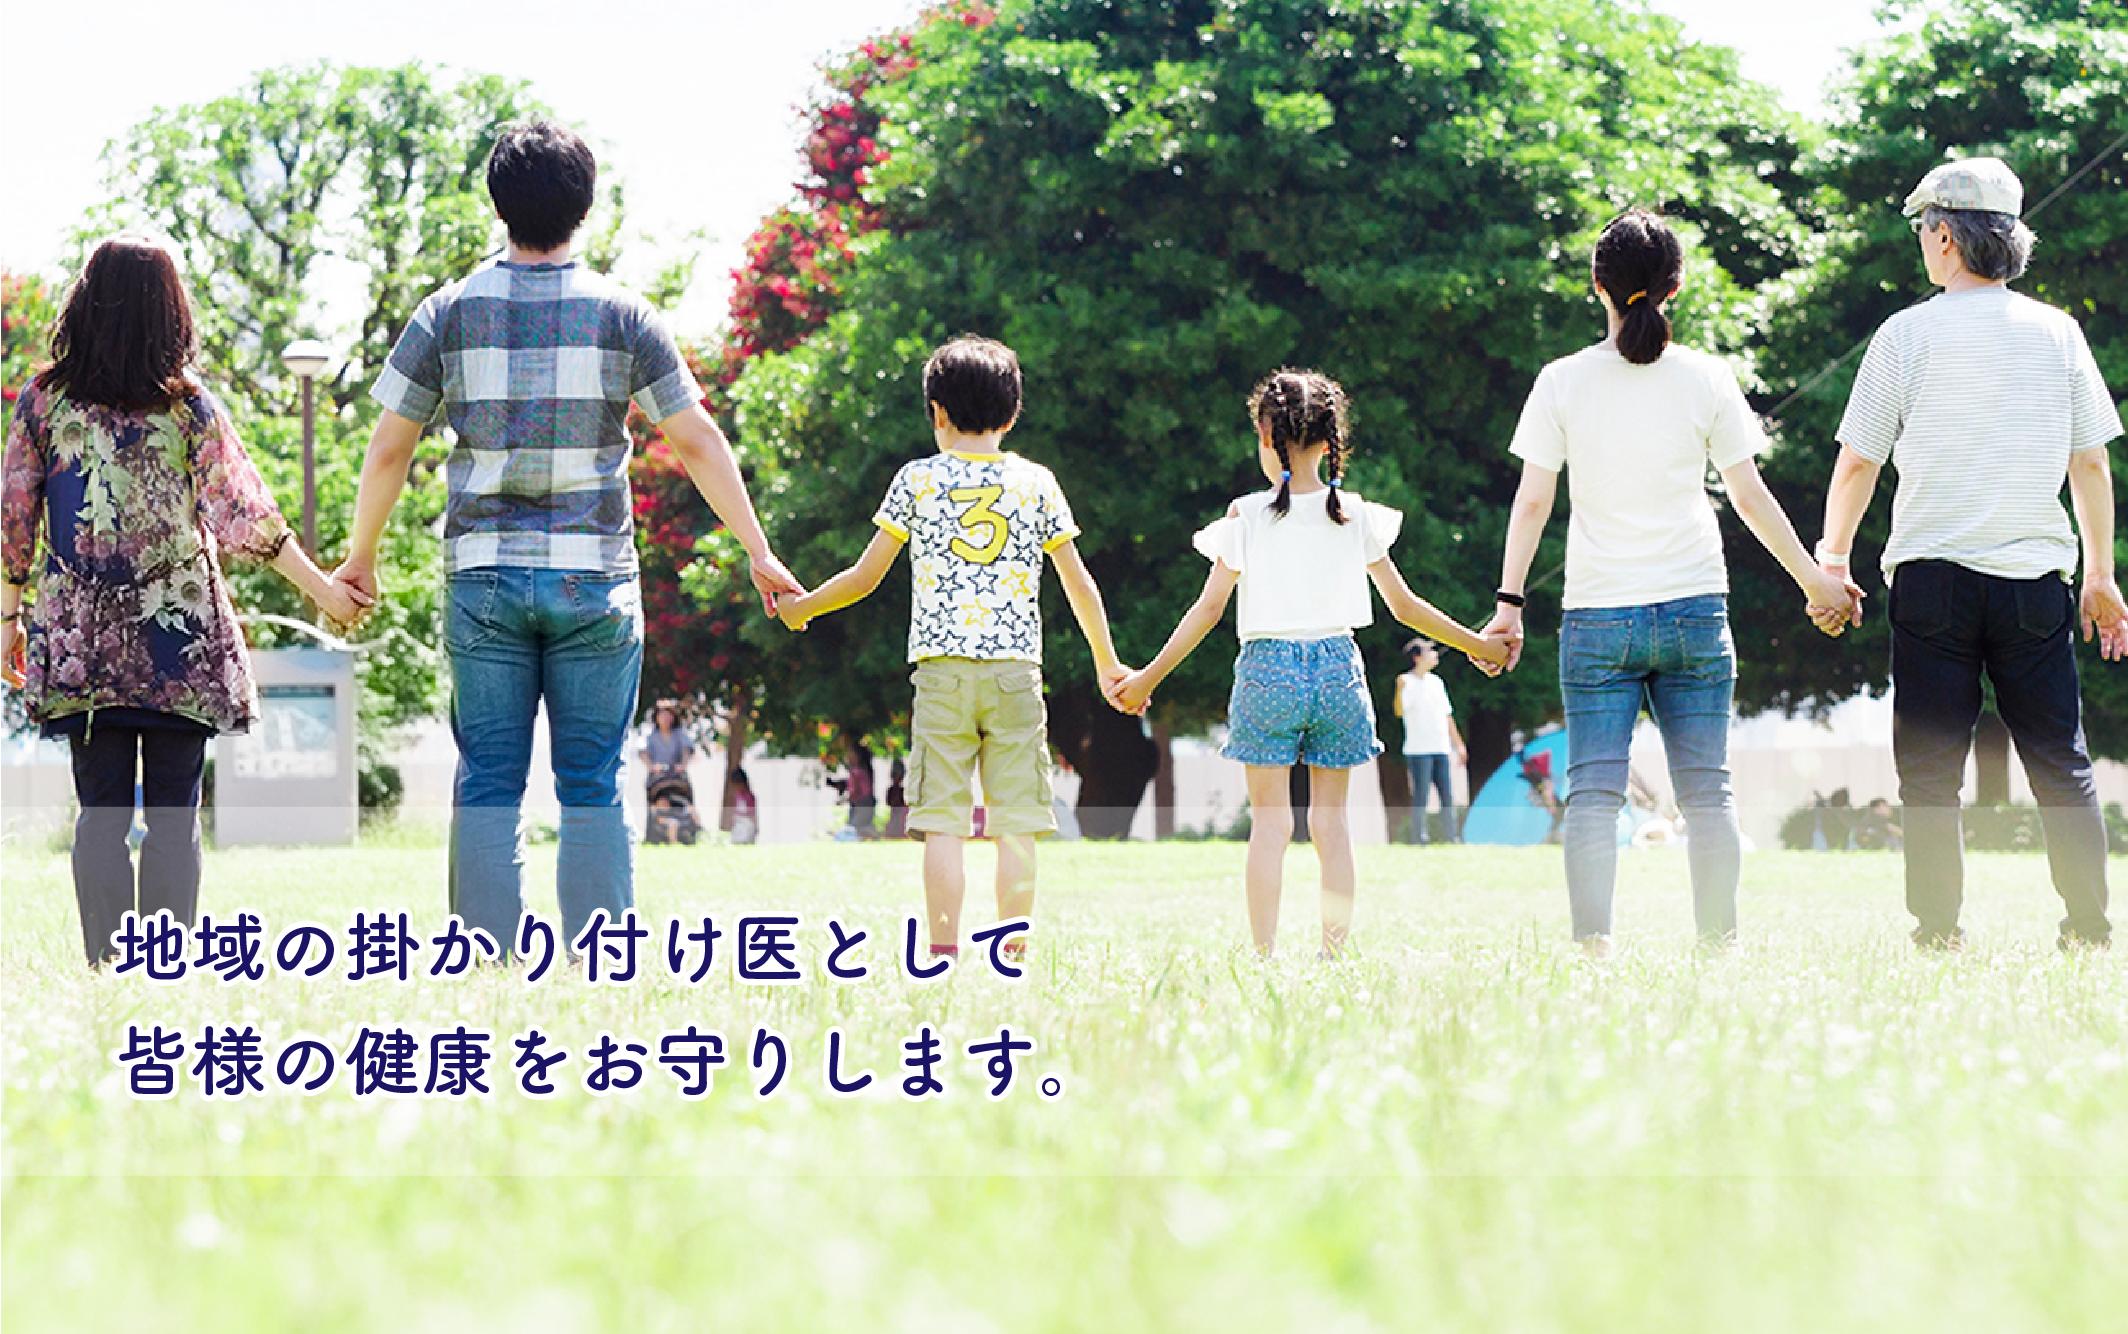 takeda-92501